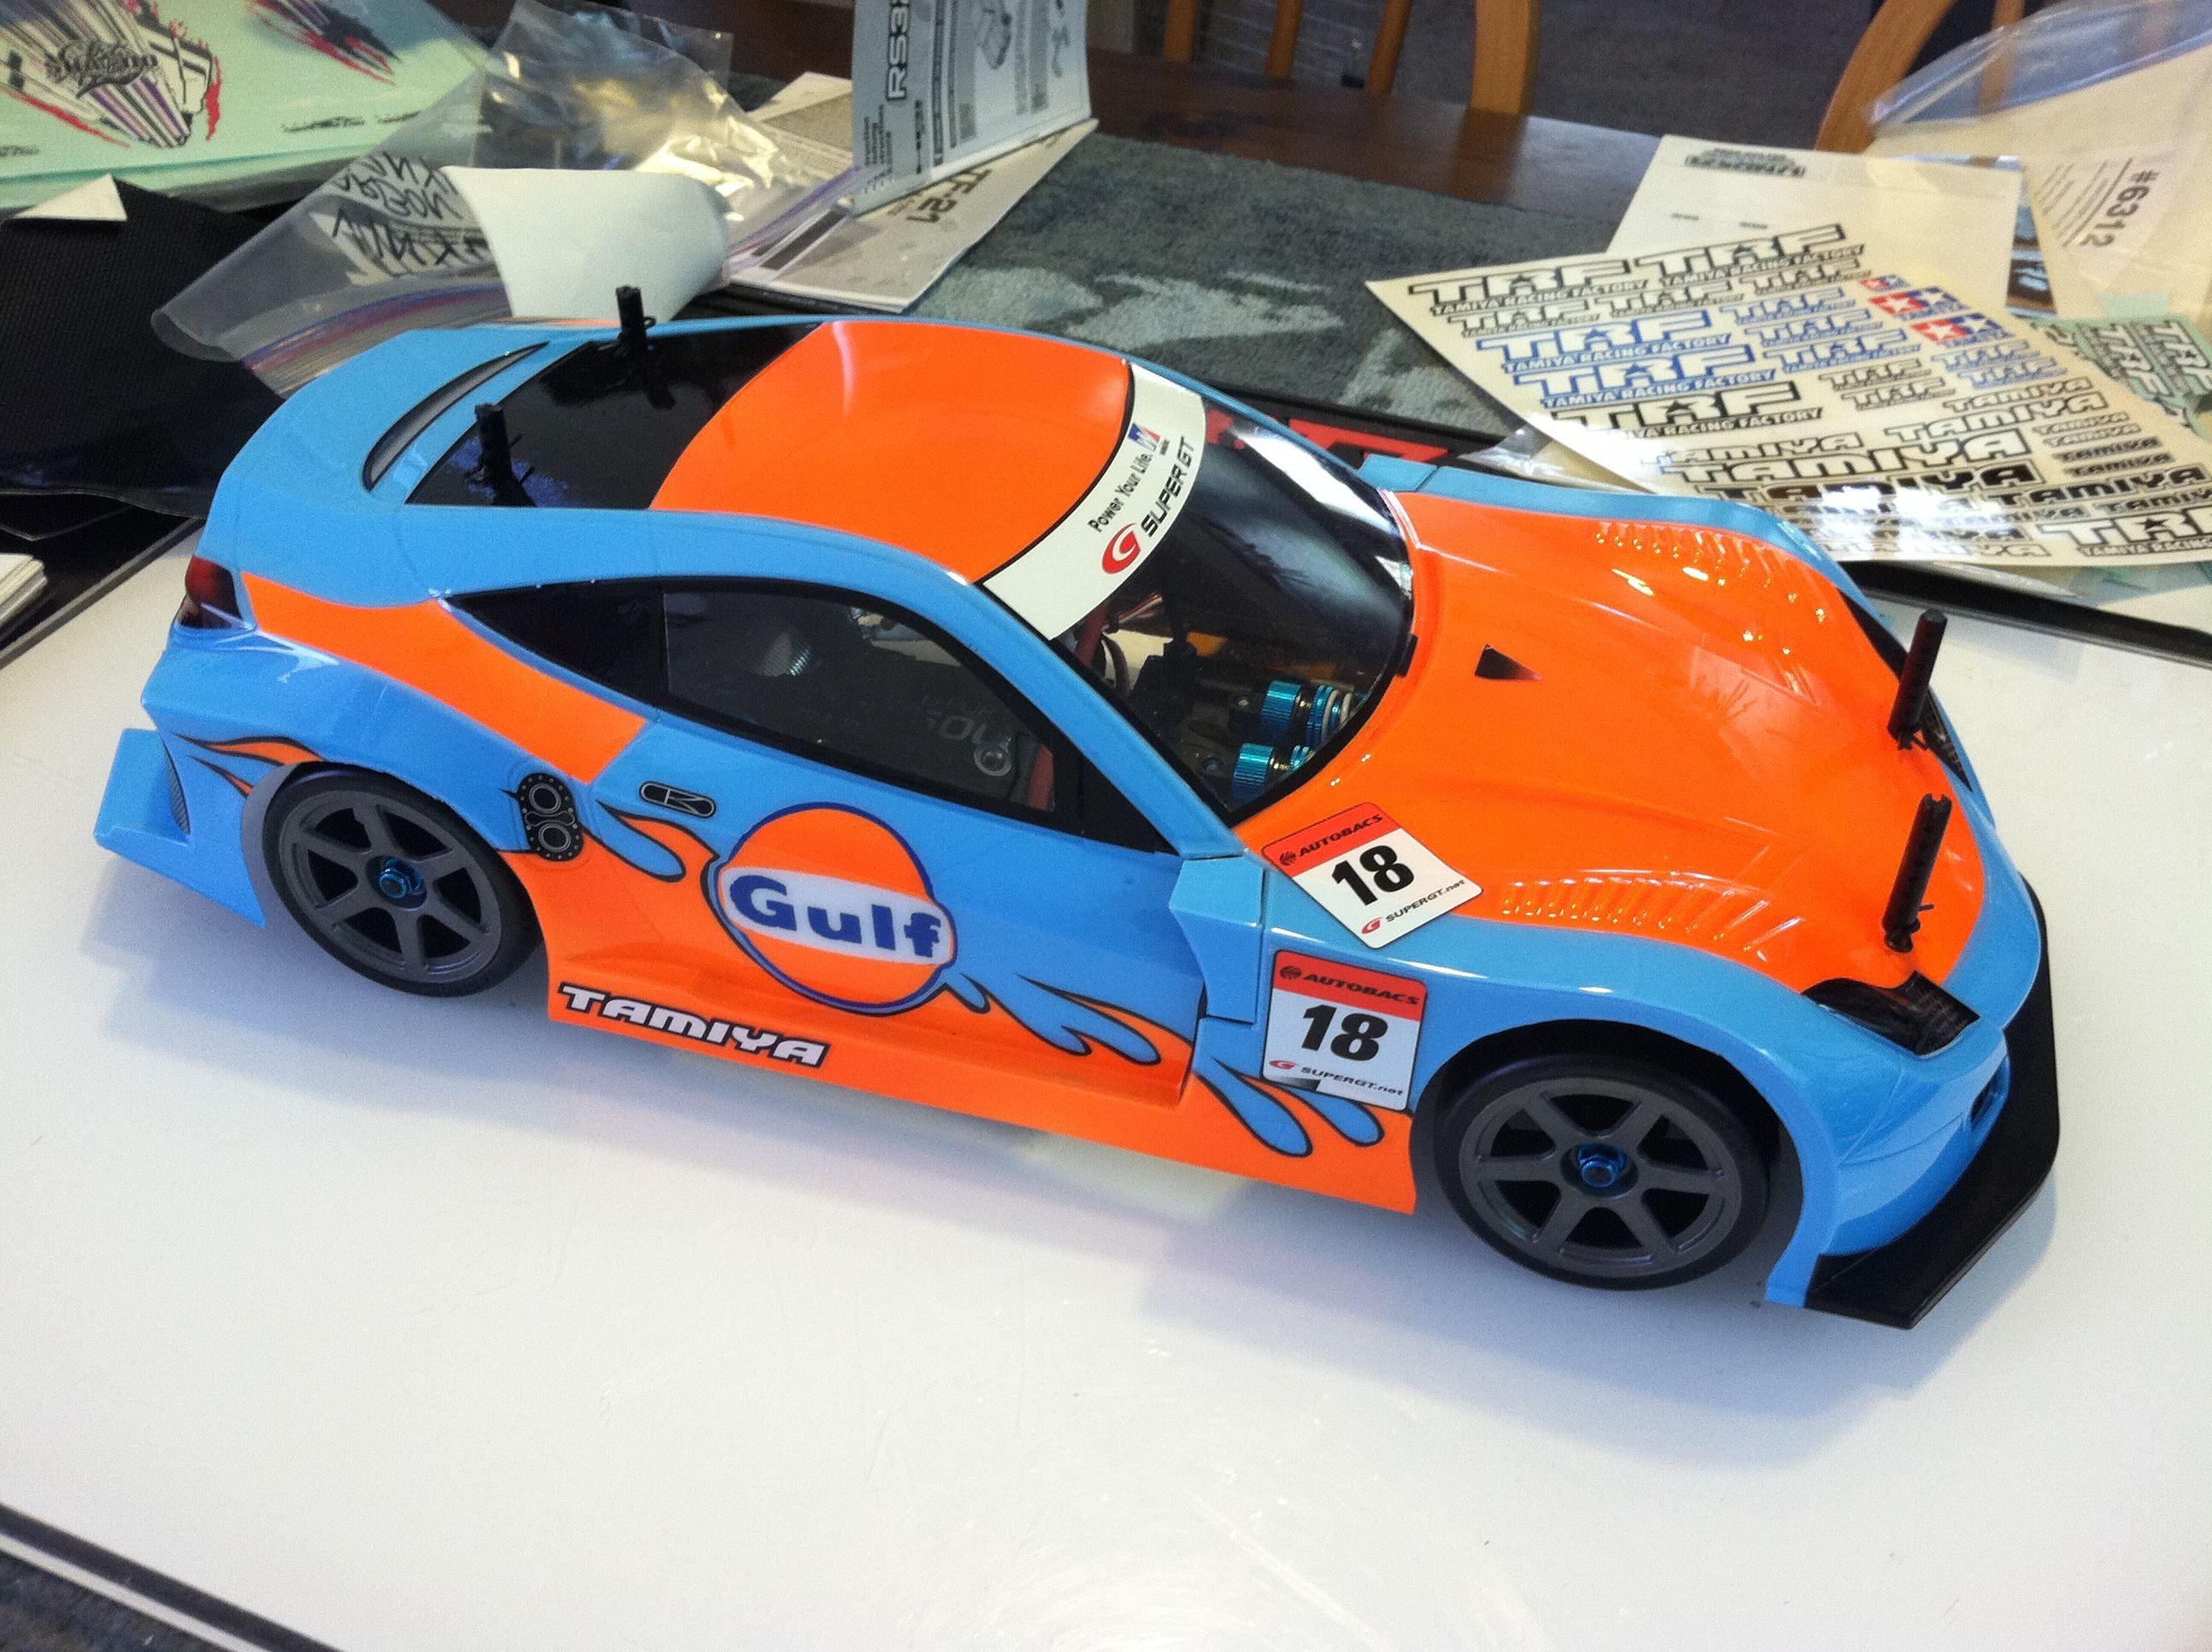 Drag race car paint schemes - Tony Phalen S Tamiya Race Car With Gulf Inspired Paint Scheme